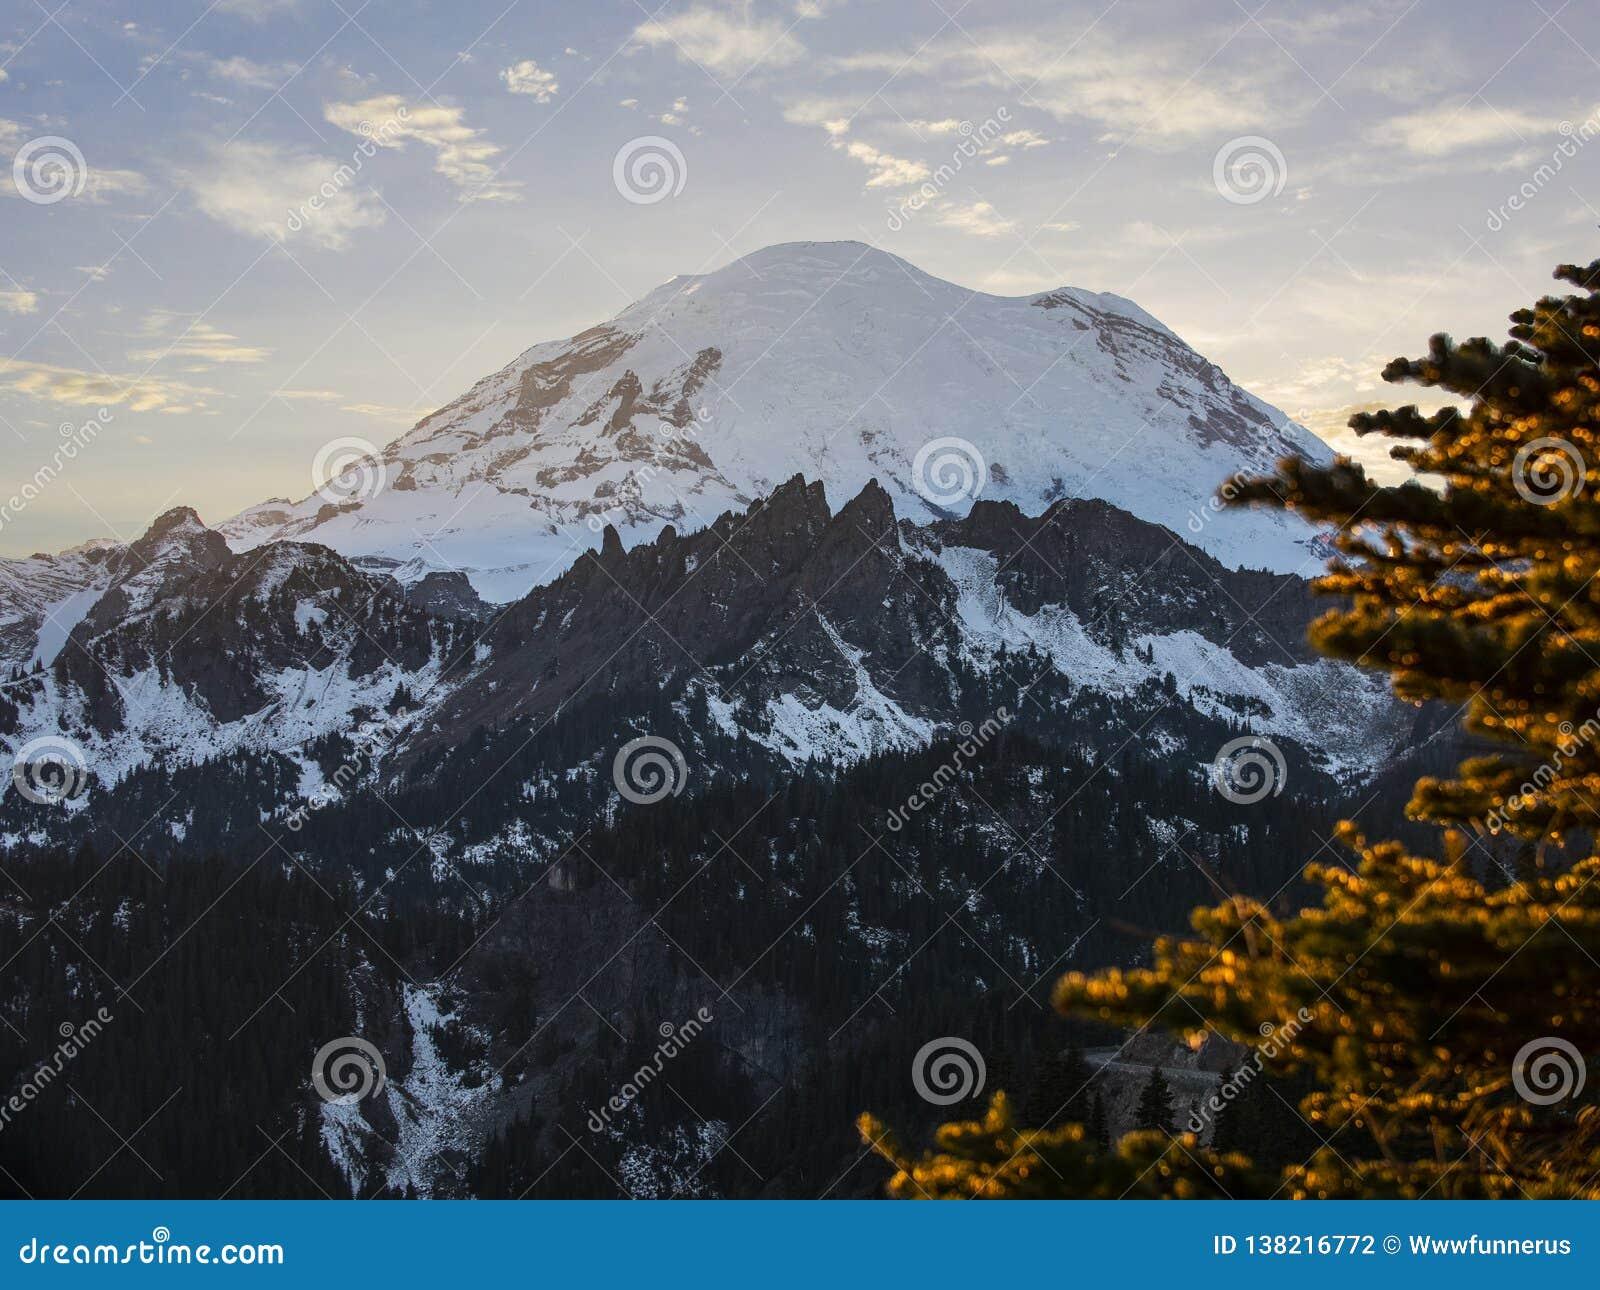 Montering Rainier National Park Mountain Peak som förbluffar solnedgång